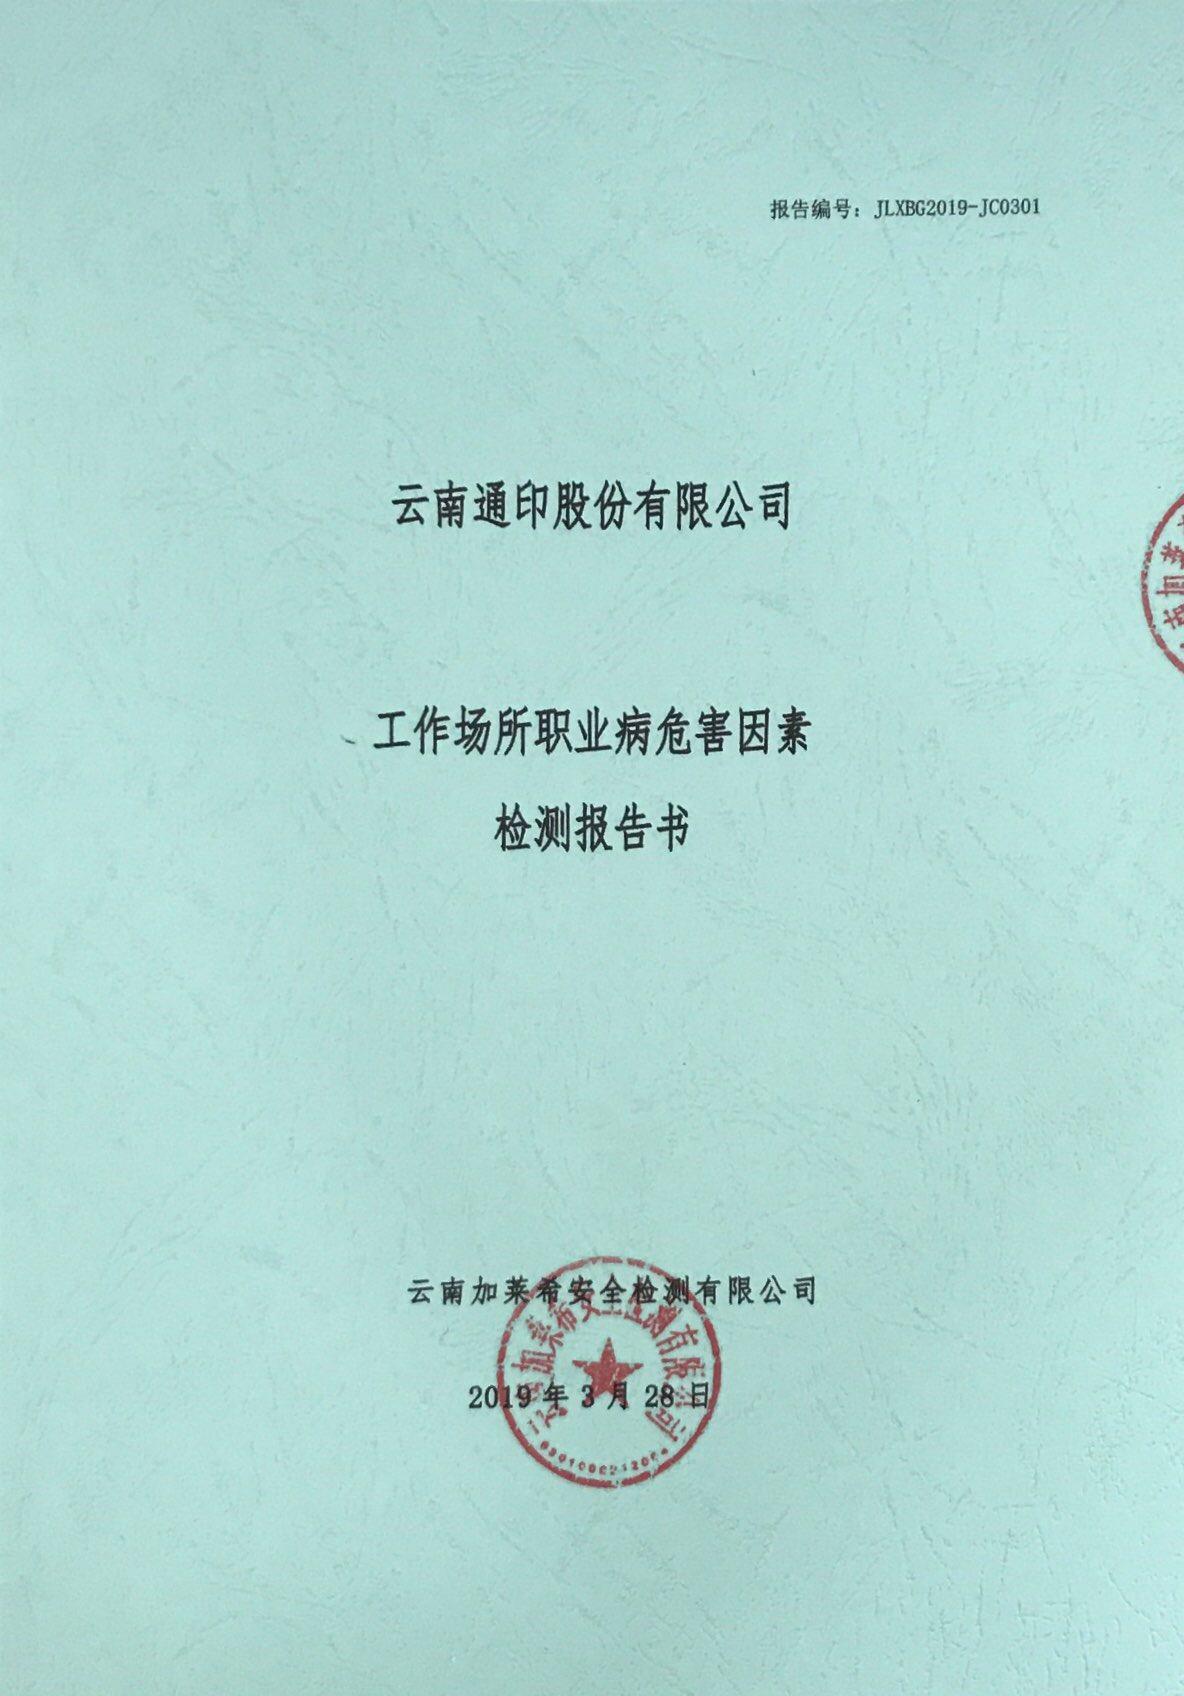 (2019年)工作场所职业病危害因素检测报告书